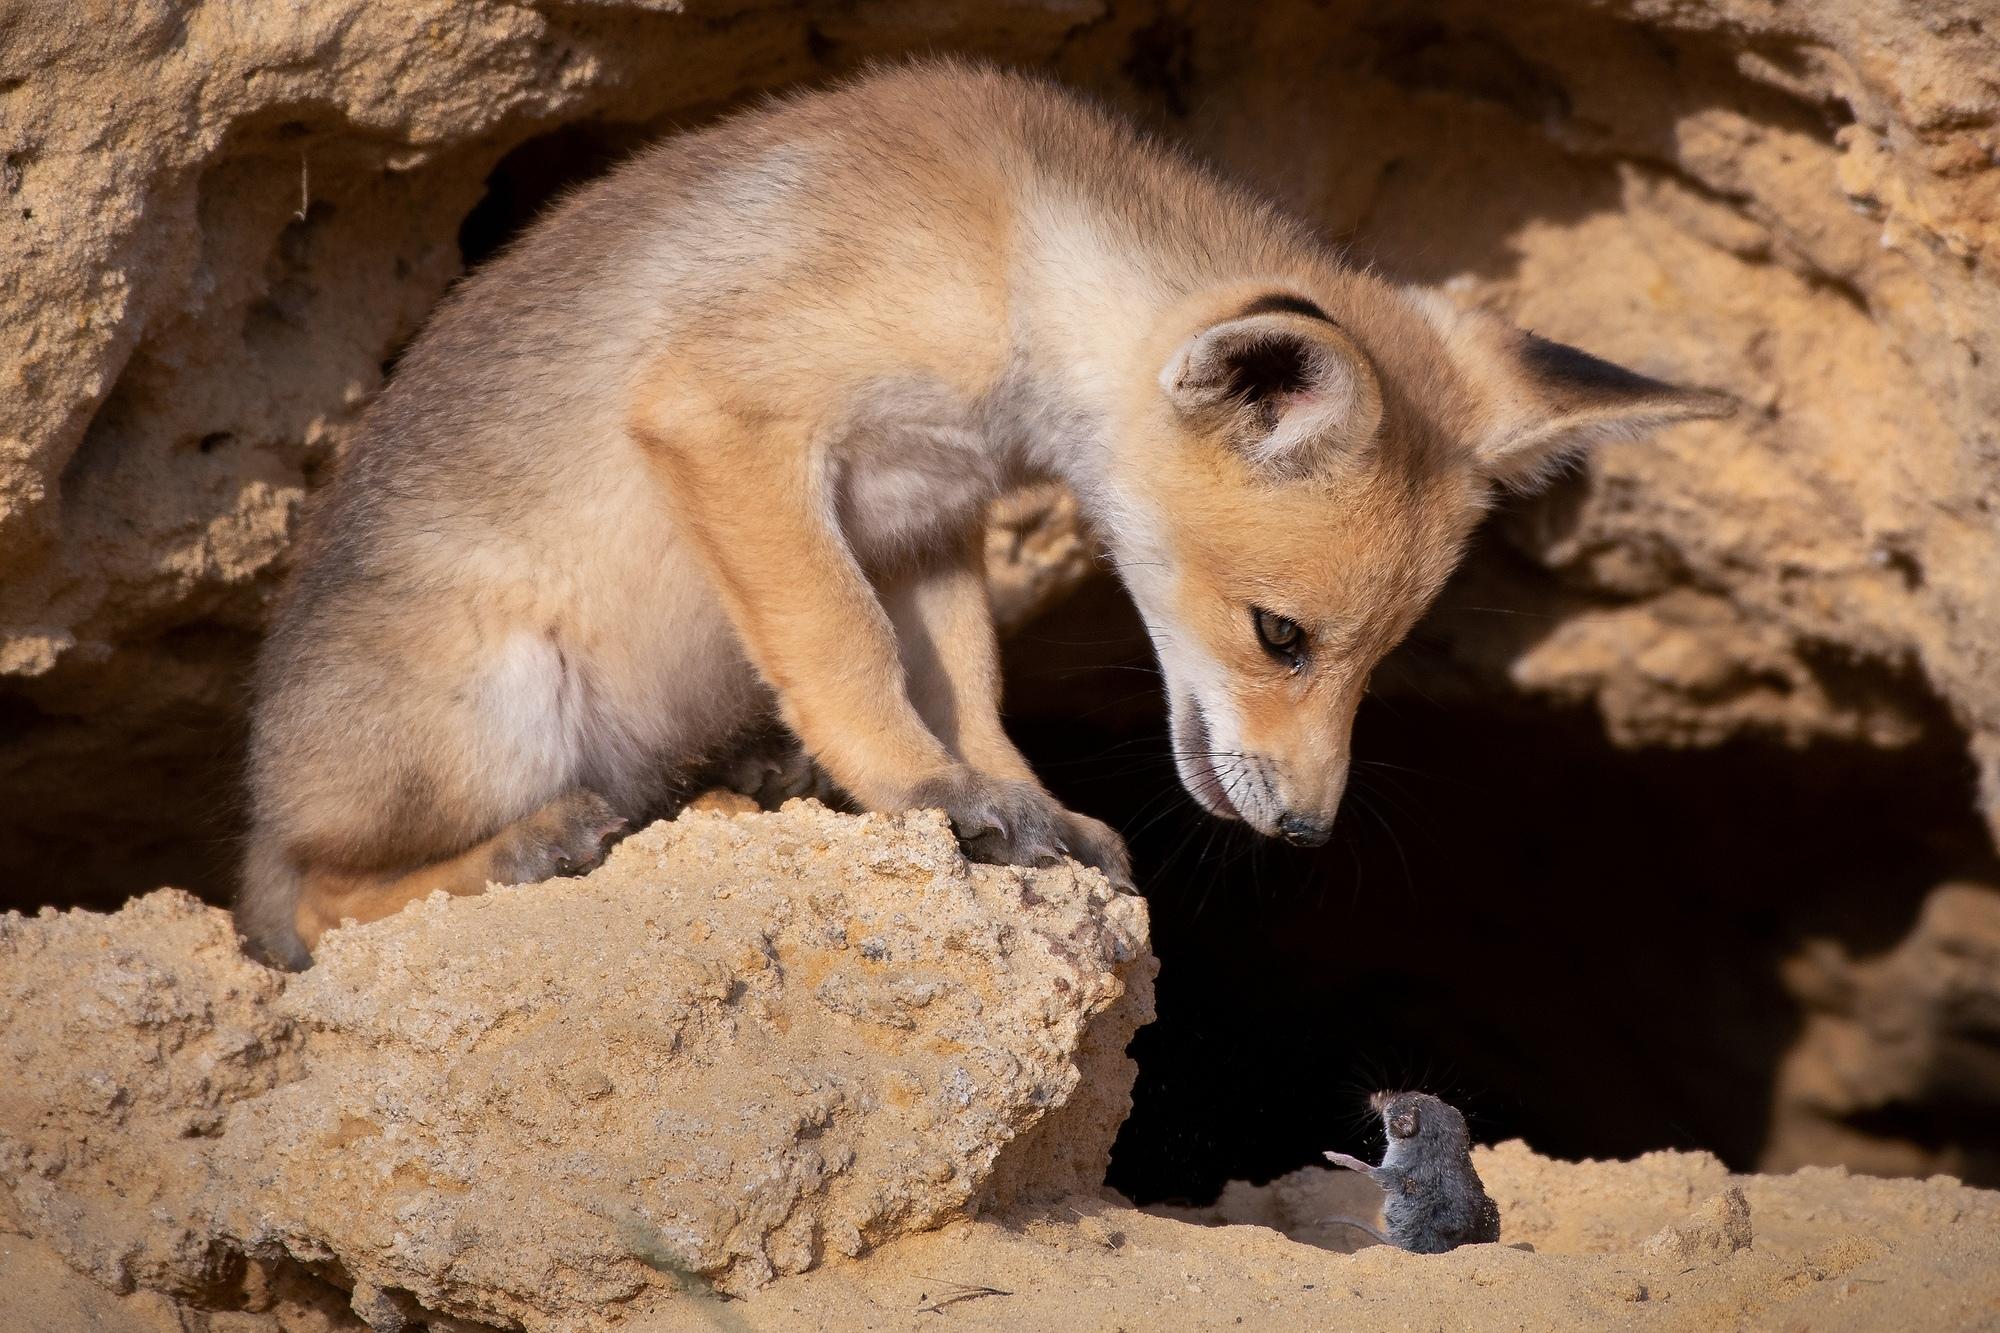 Финалисты премии Комедийной фотографии дикой природы 2020 года выглядят как отличные заготовки для мемов (часть 1)